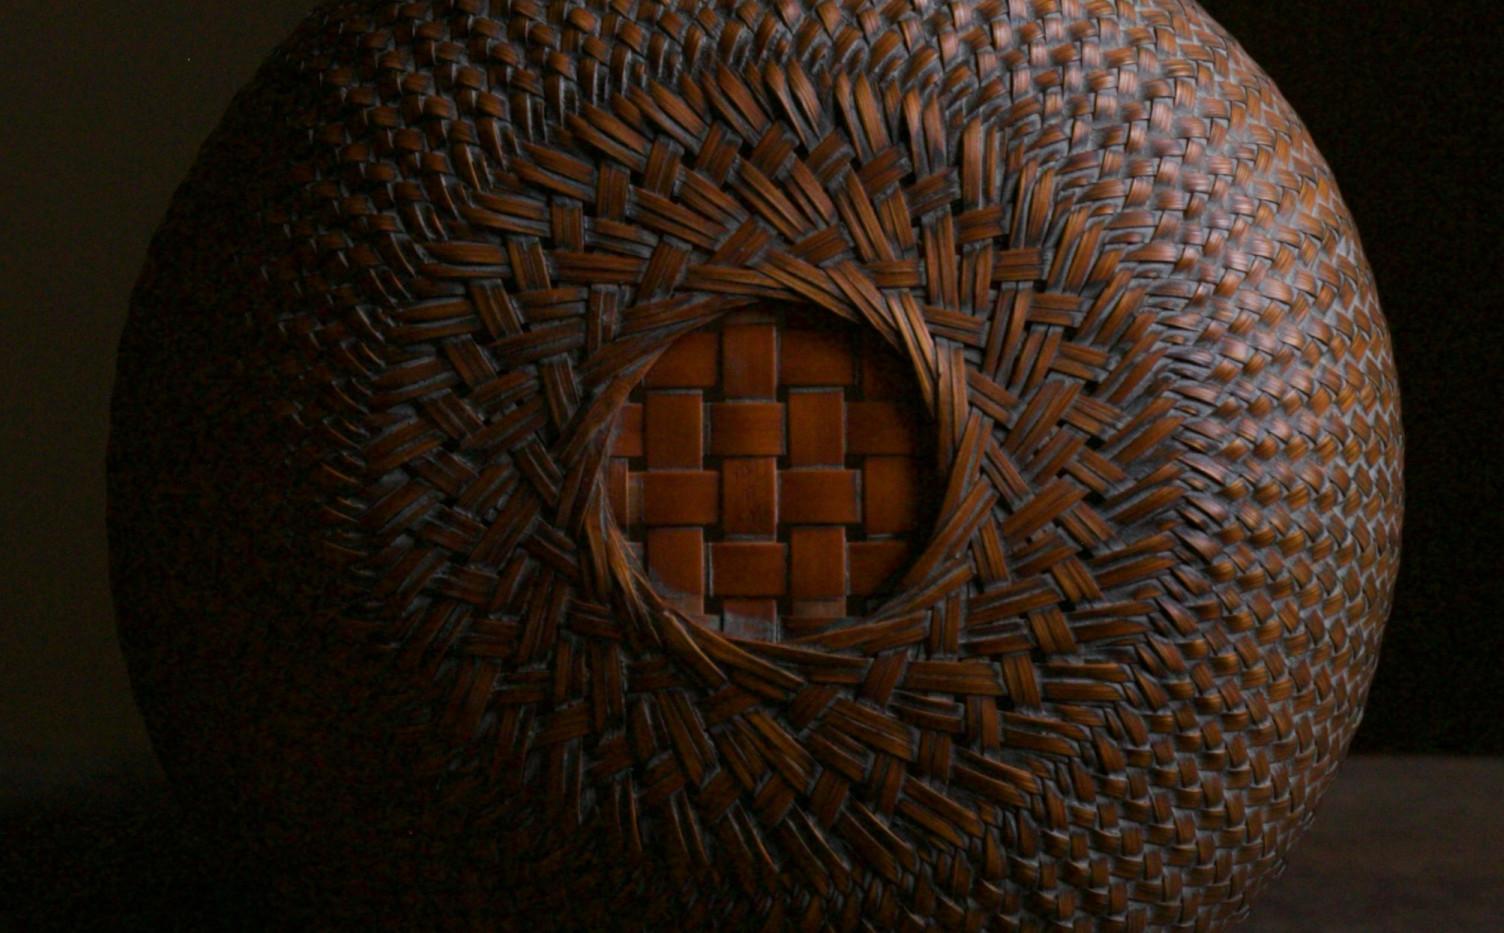 Kosuge Kogetsu flower basket Kyoyu 04.jpg